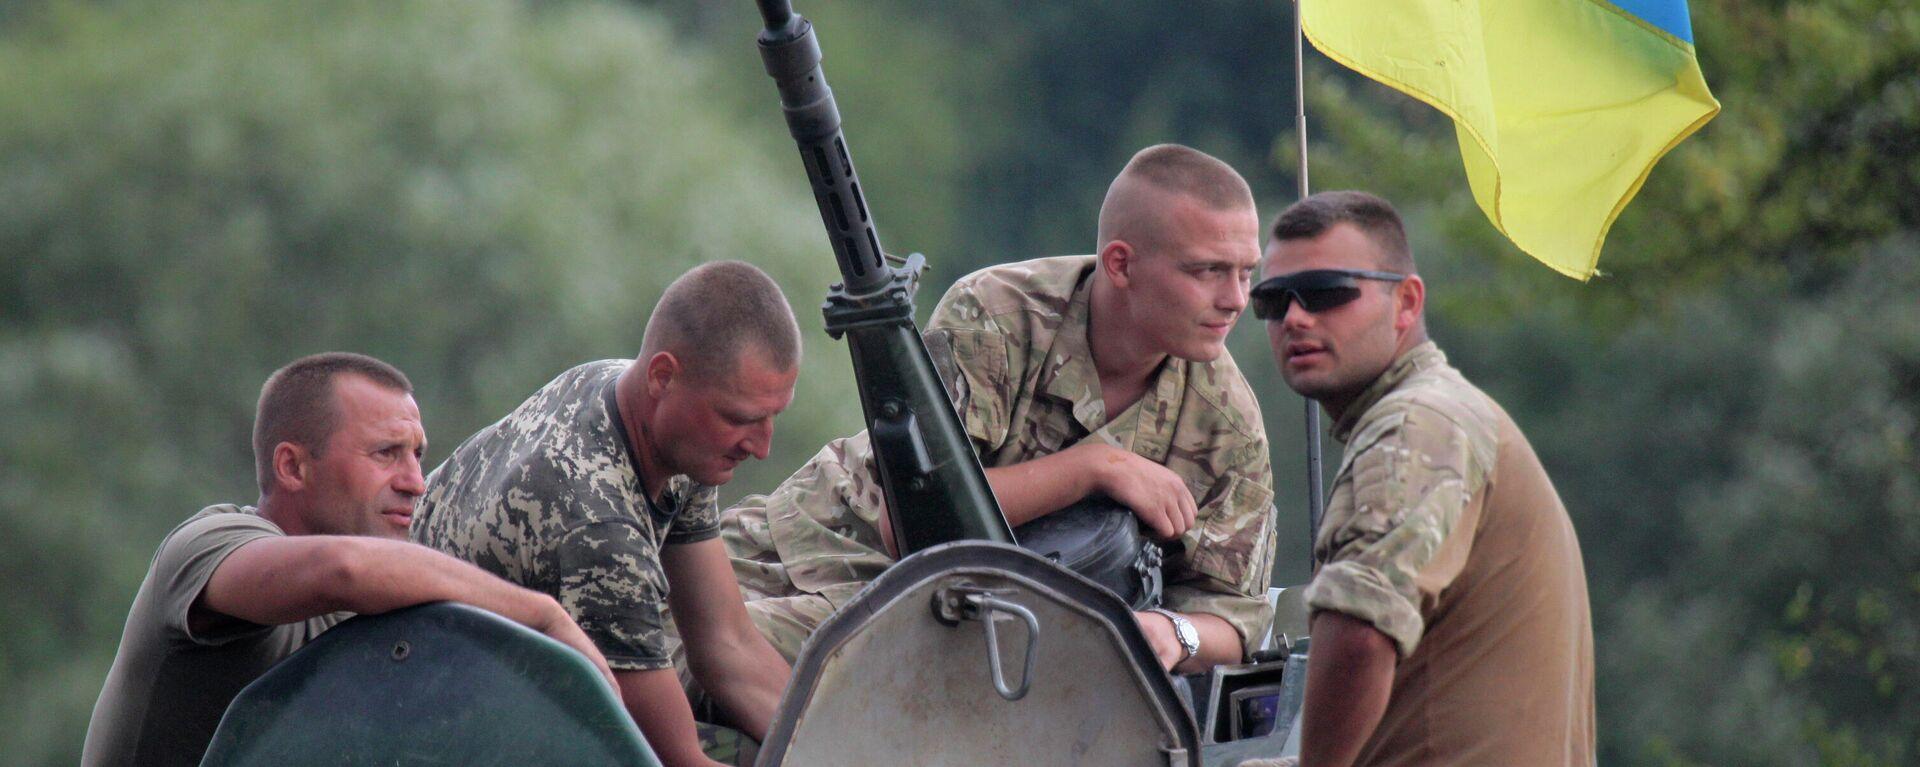 Украинские солдаты на БТР - Sputnik Таджикистан, 1920, 21.09.2021